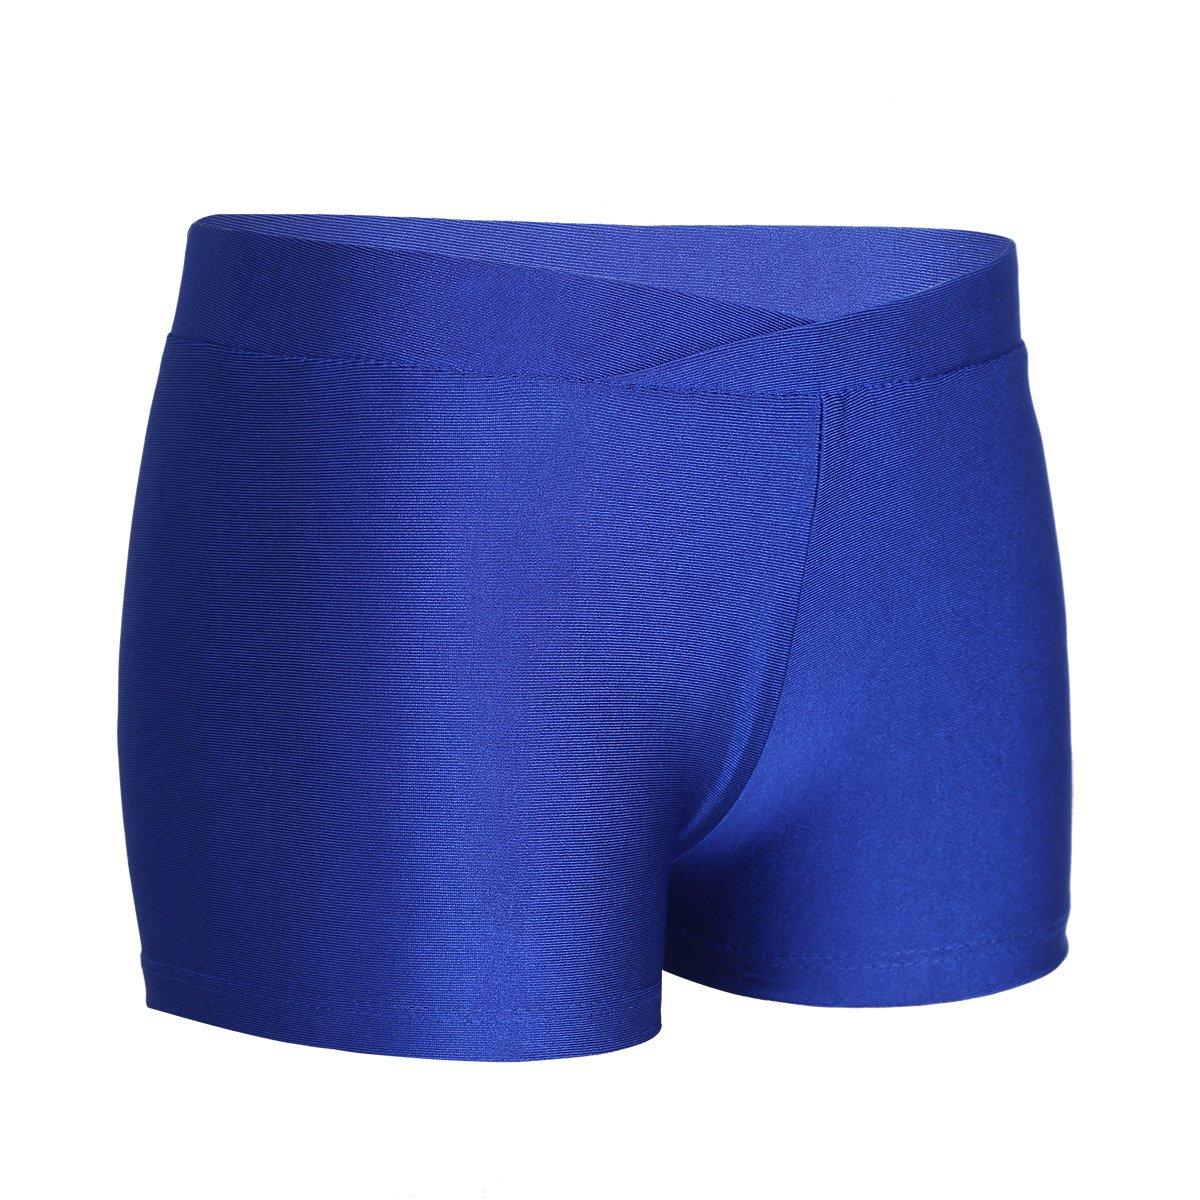 激安直営店 TiaoBug SHORTS 43750 TiaoBug ガールズ B07DD9D7GX B07DD9D7GX 10/12|ブルー ブルー 43750, YSEショップ:50e7d617 --- a0267596.xsph.ru